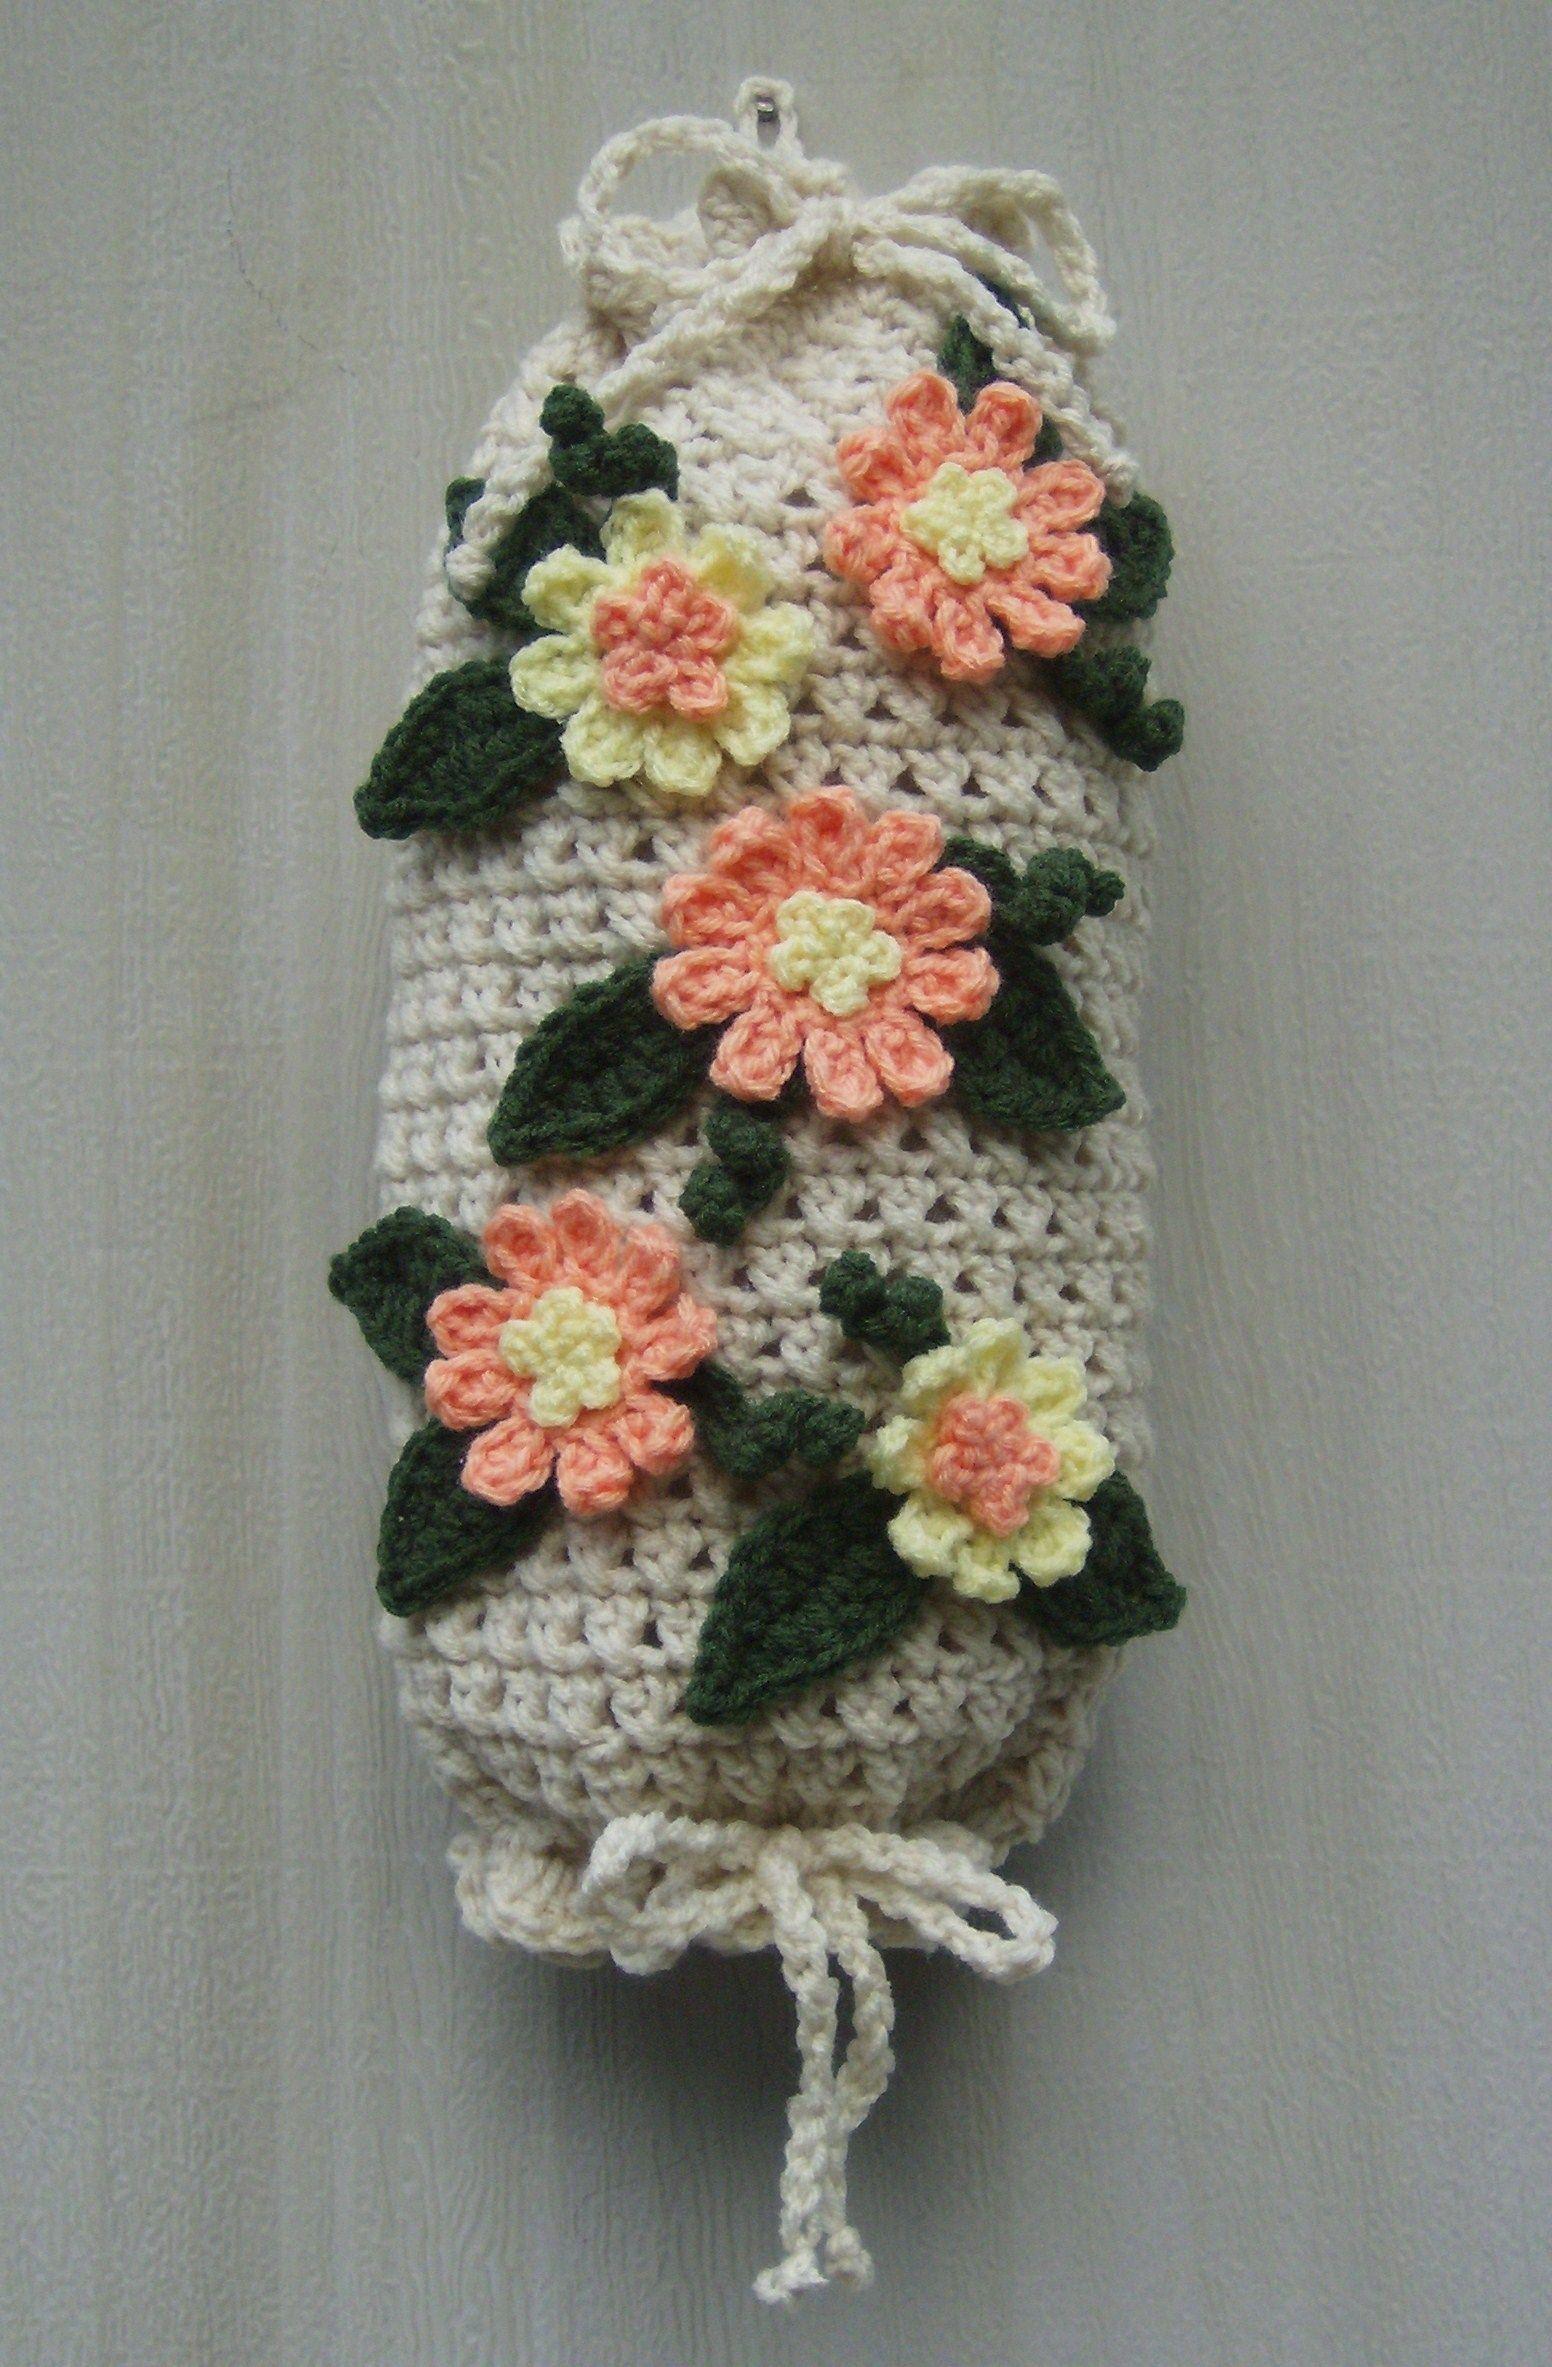 Plastic bag keeper - Crochet Plastic Bag Holder Dispenser Handmade